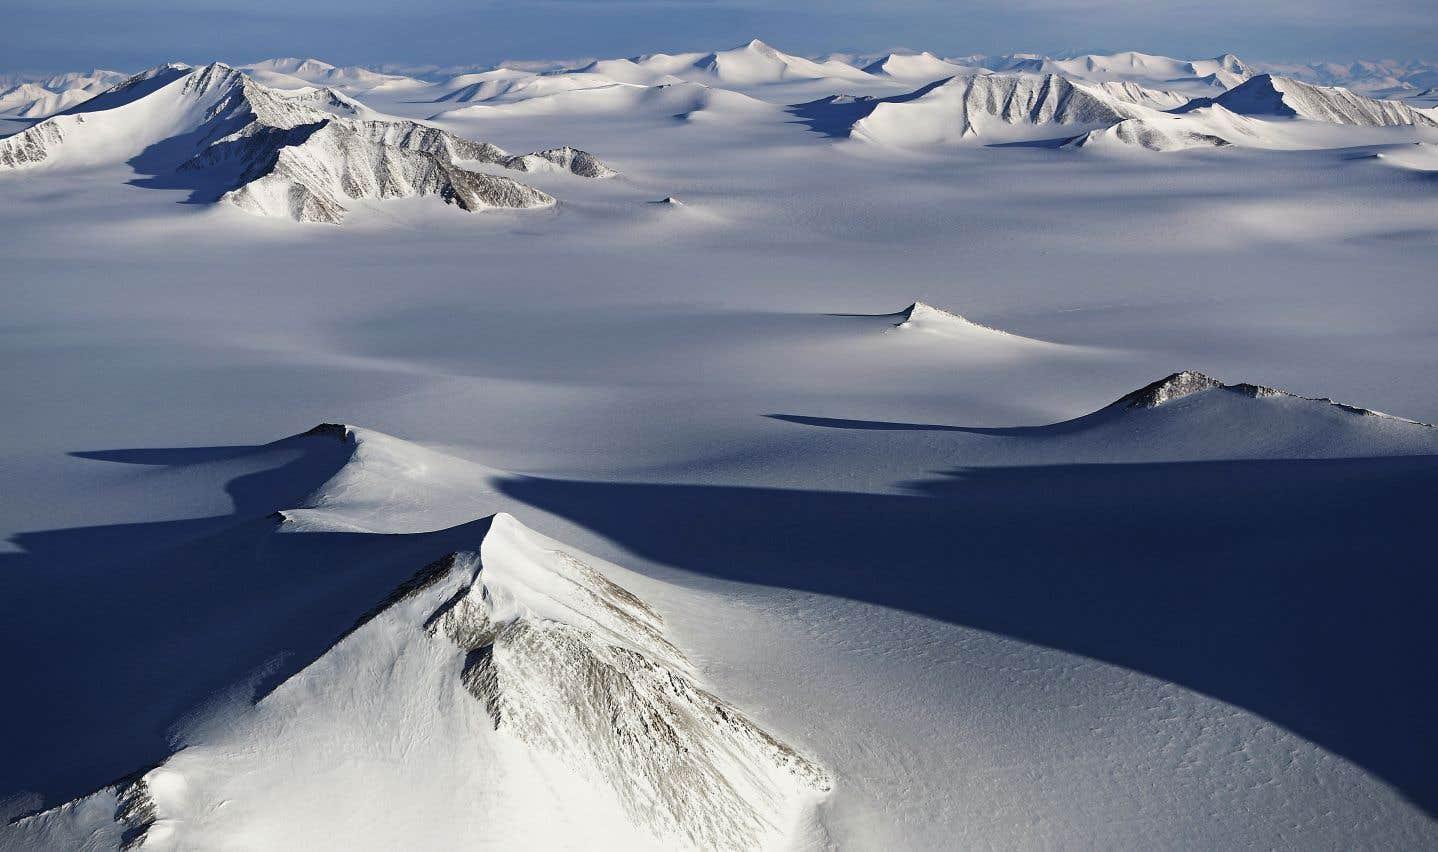 Les données recueillies par les projets financés par Ottawa en Arctique étaient utiles à des scientifiques de partout dans le monde.